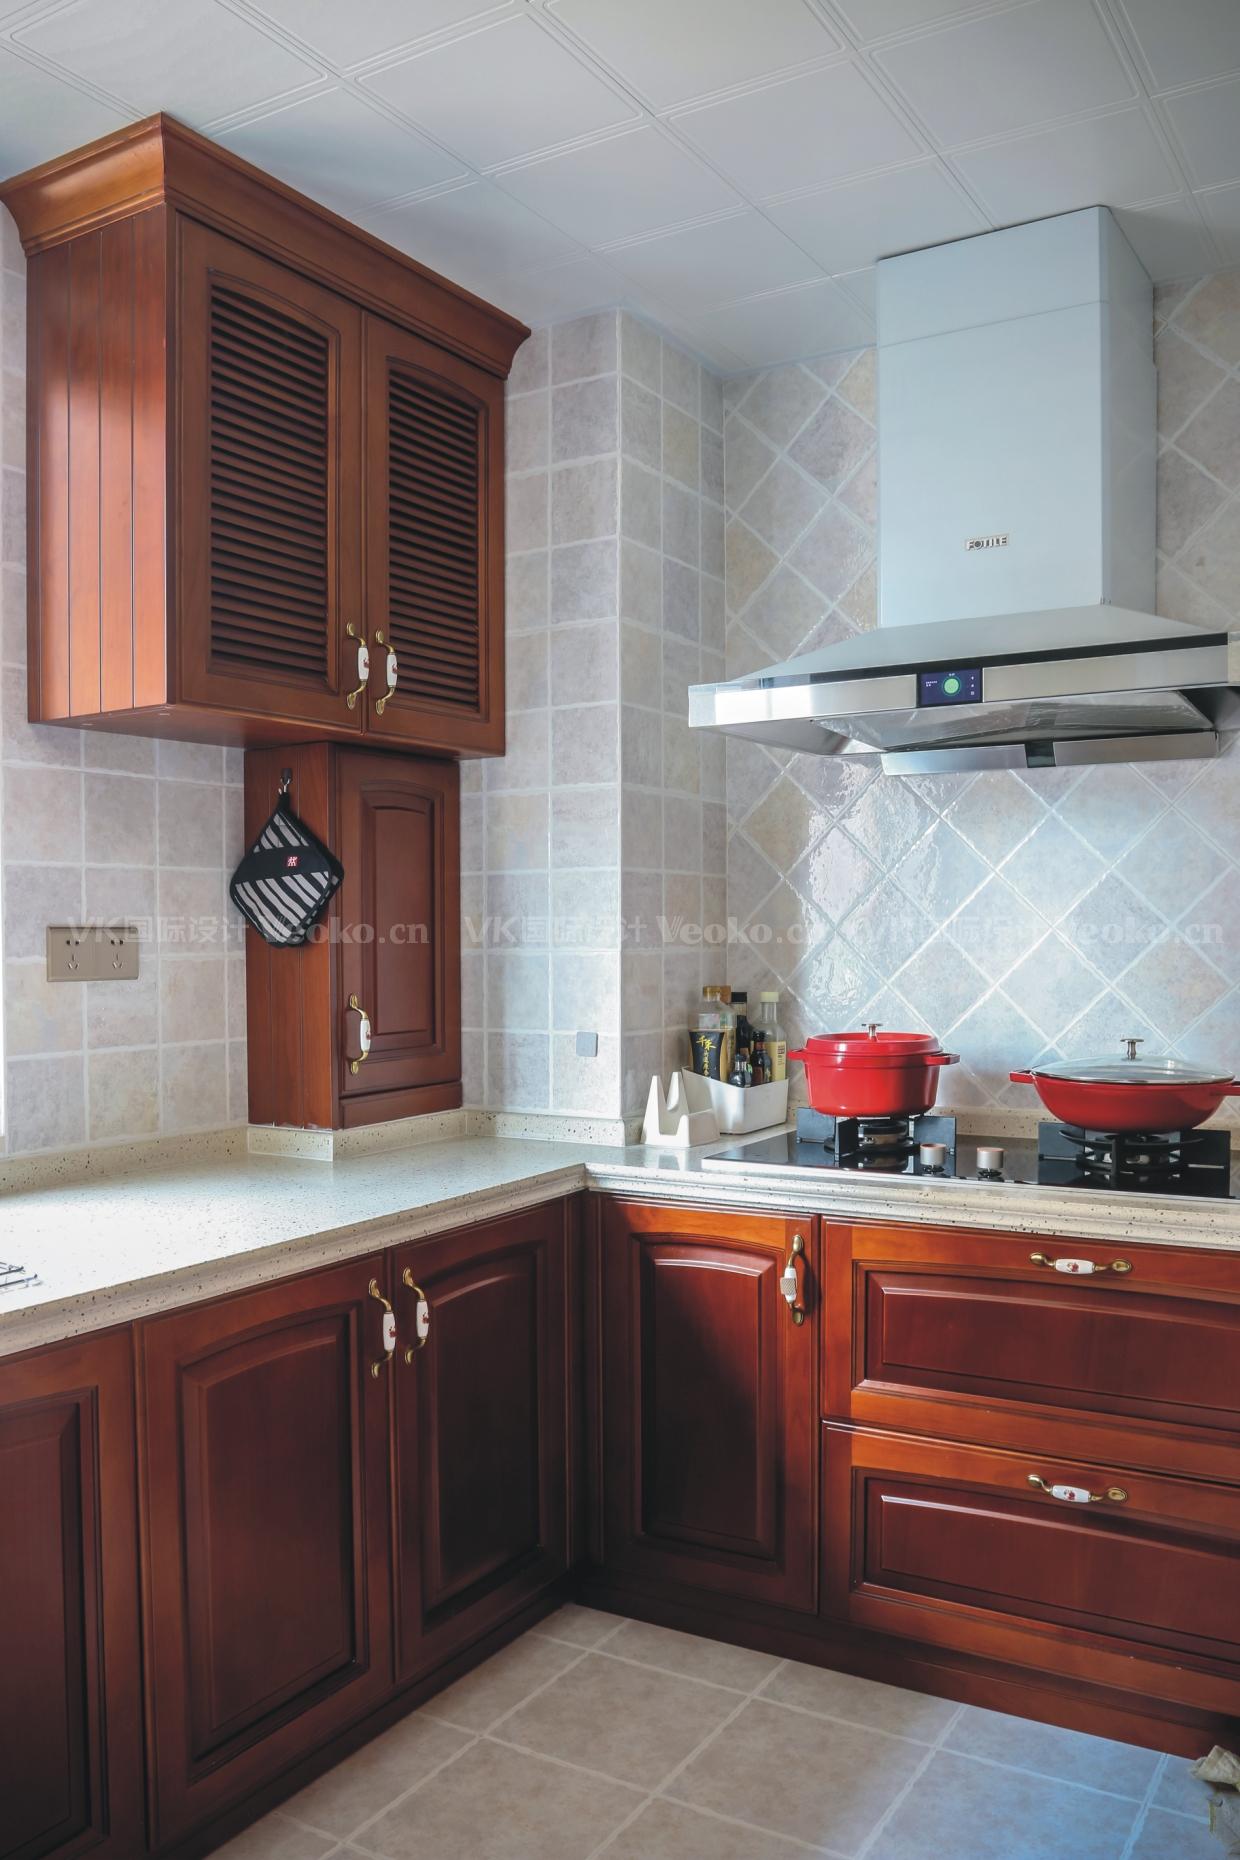 美式 三居 客厅 卧室 厨房 餐厅 三口之家 儿童房 玄关图片来自VK国际设计在美式设计的分享